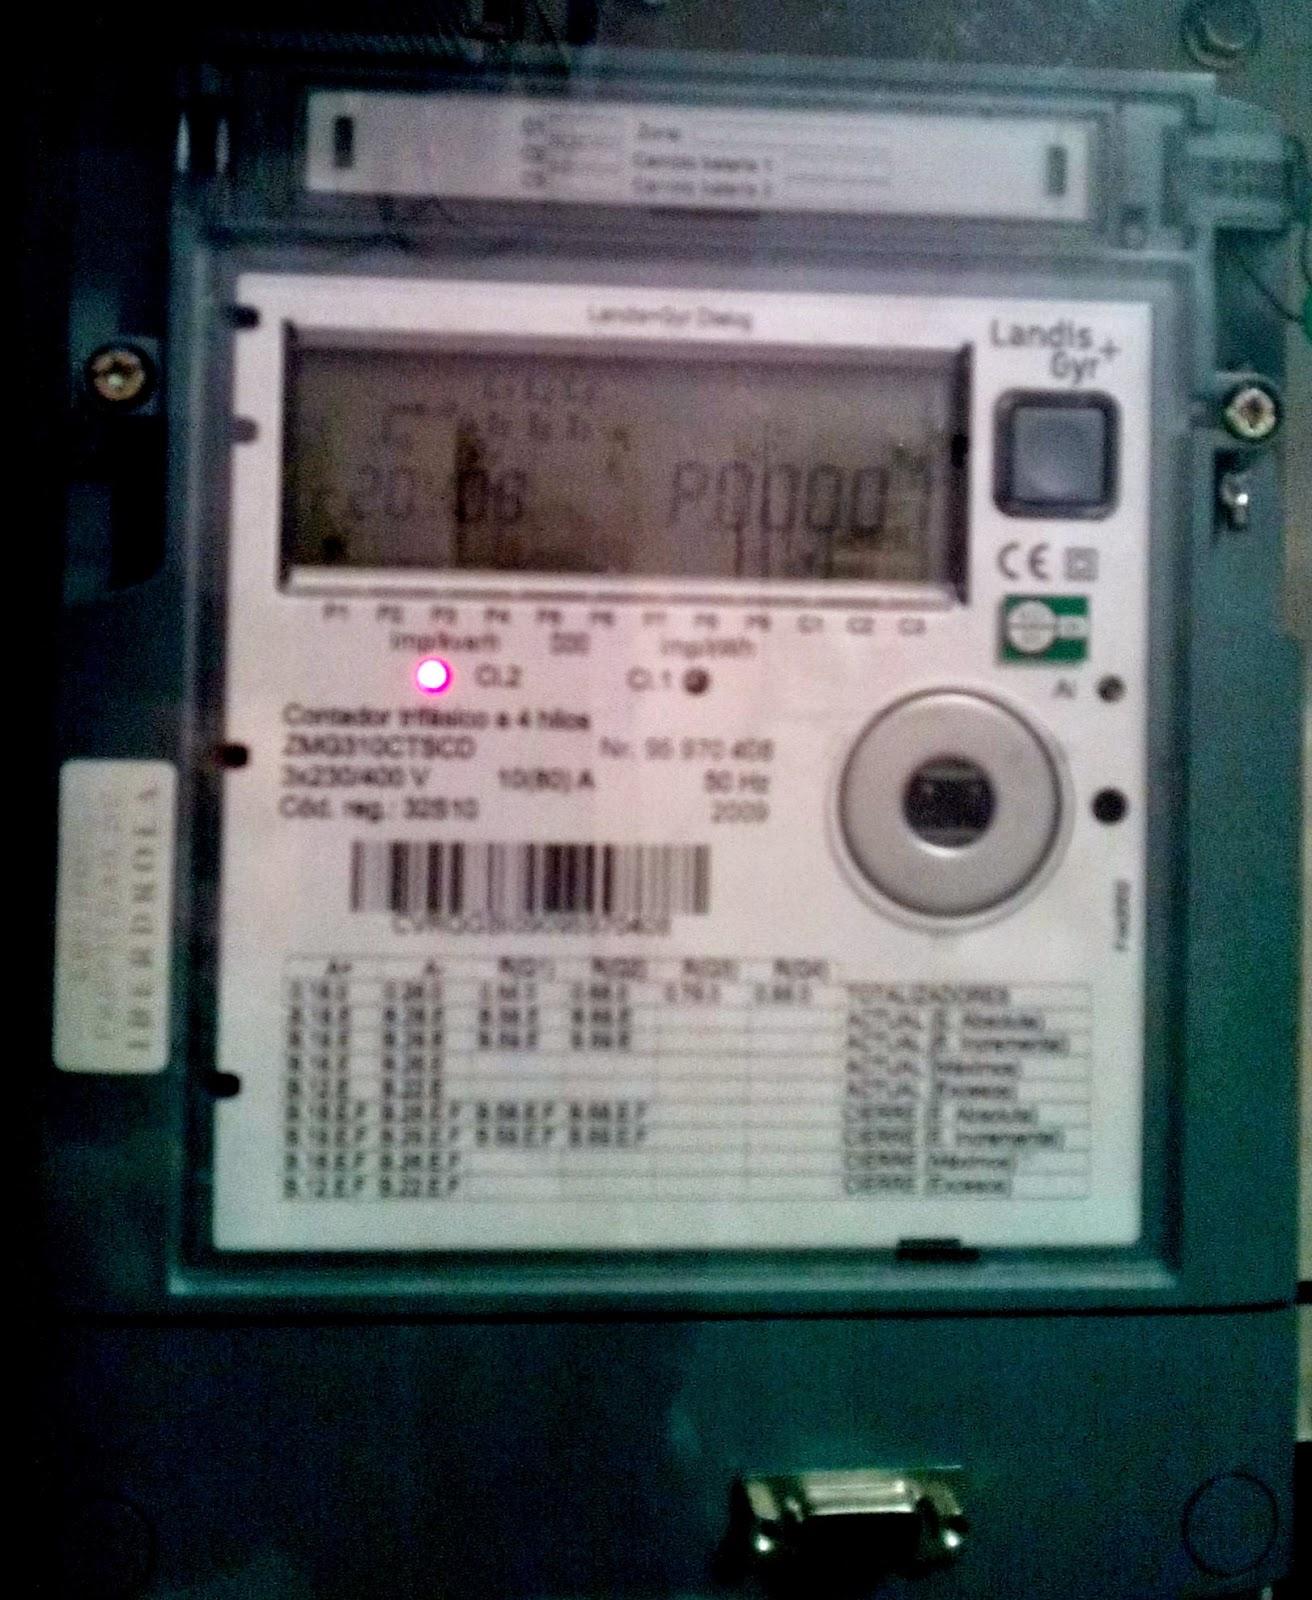 La factura de la luz miedo al contador digital for Manipular contador luz digital